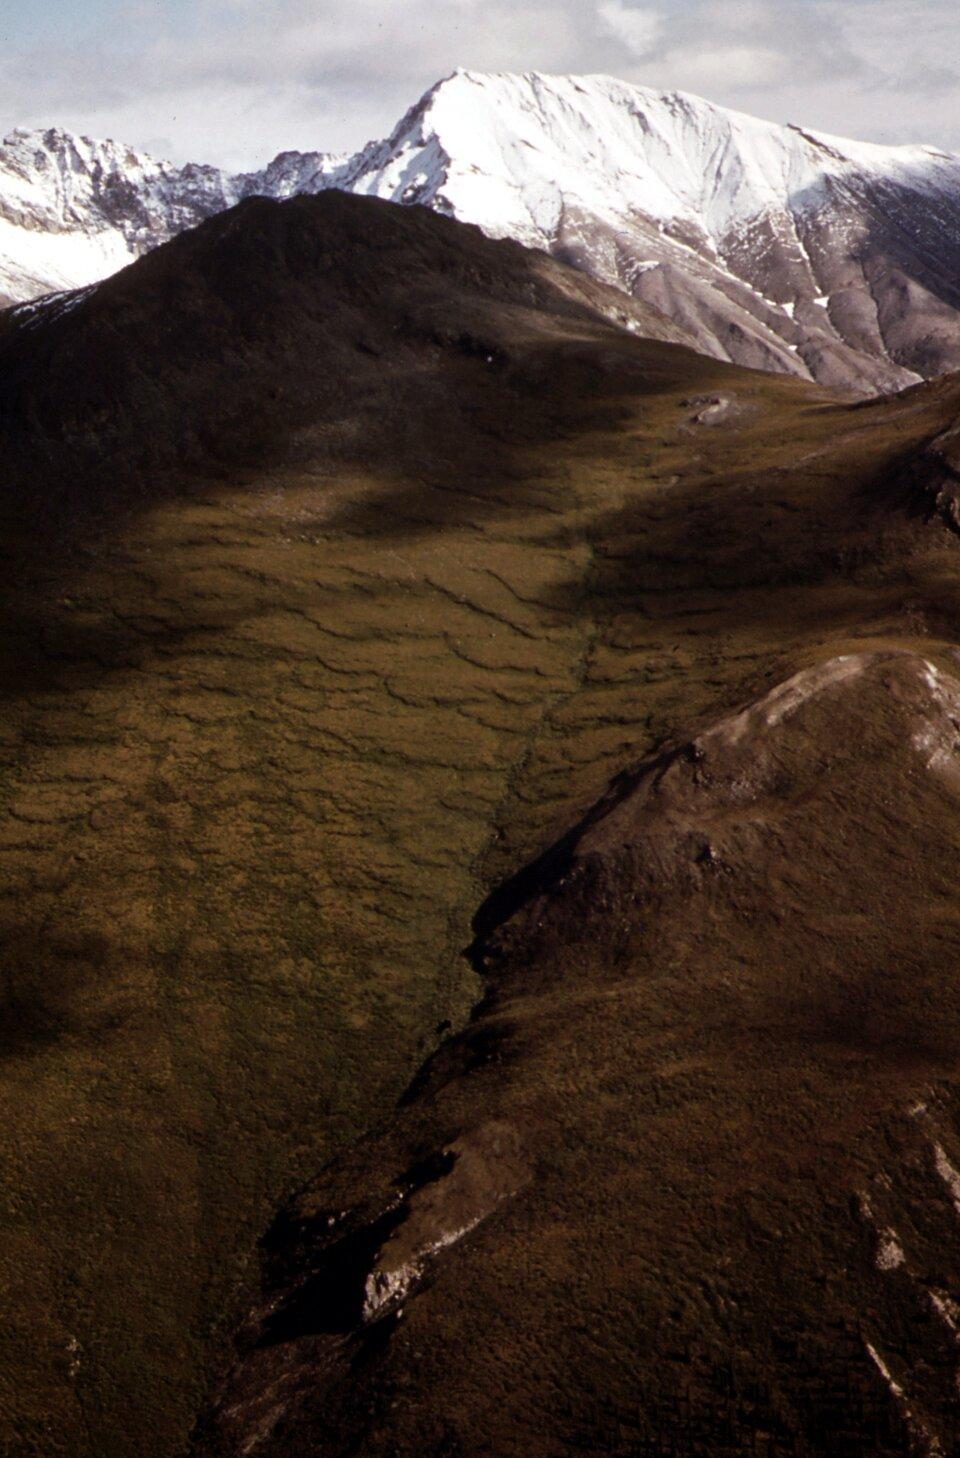 Na zdjęciu teren górzysty. Na pierwszym planie zsuwające się brązowe fale gruntu. Wtle wysokie ośnieżone szczyty.